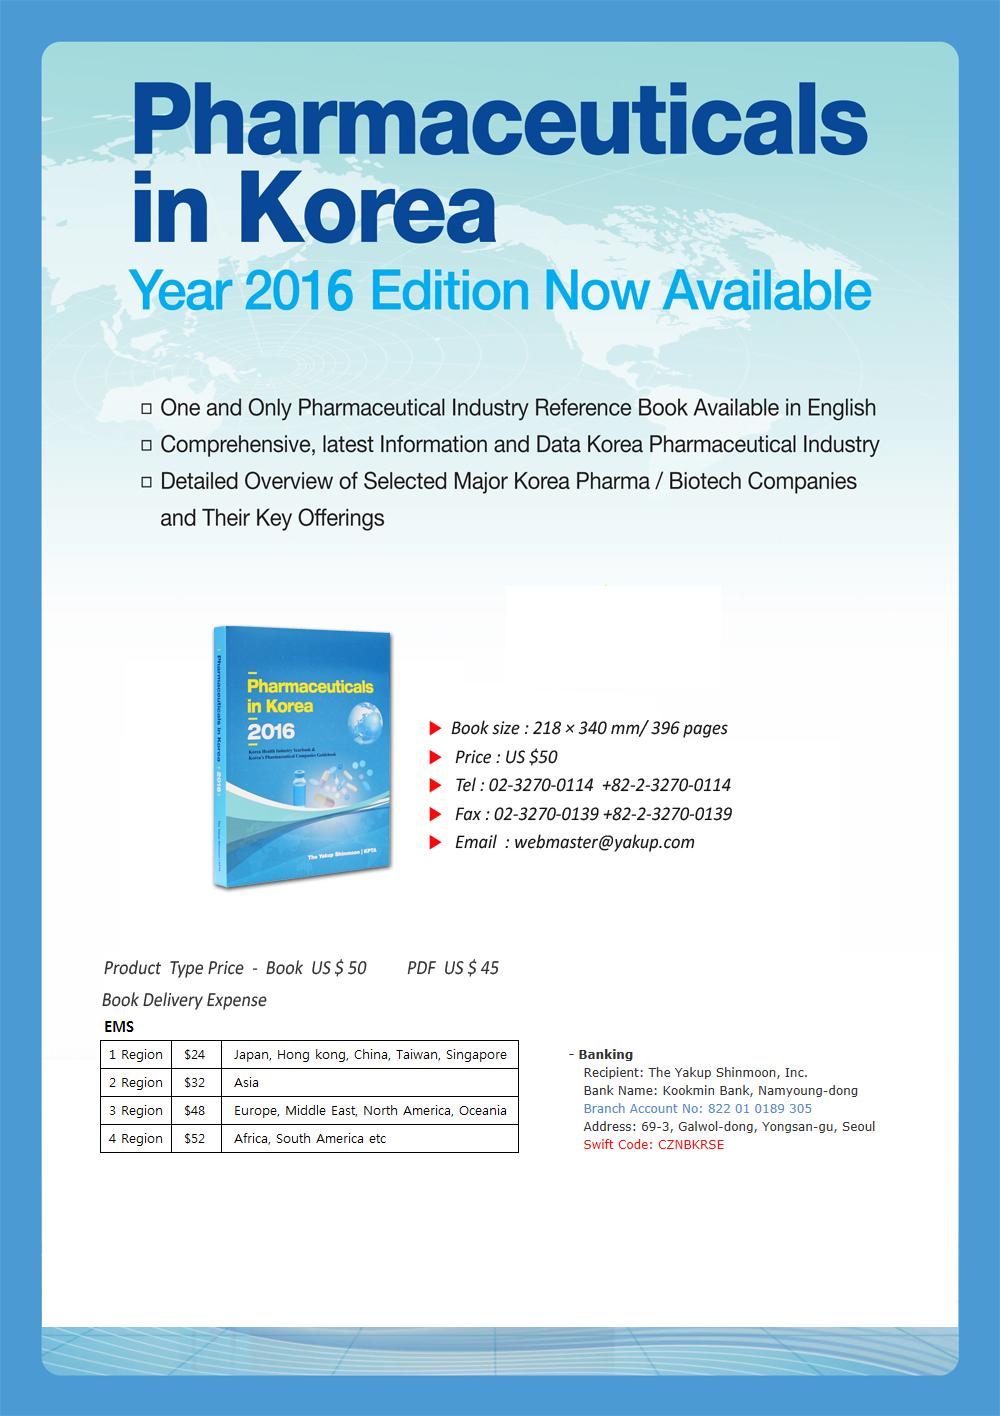 Pharmaceuticals in Korea 2016